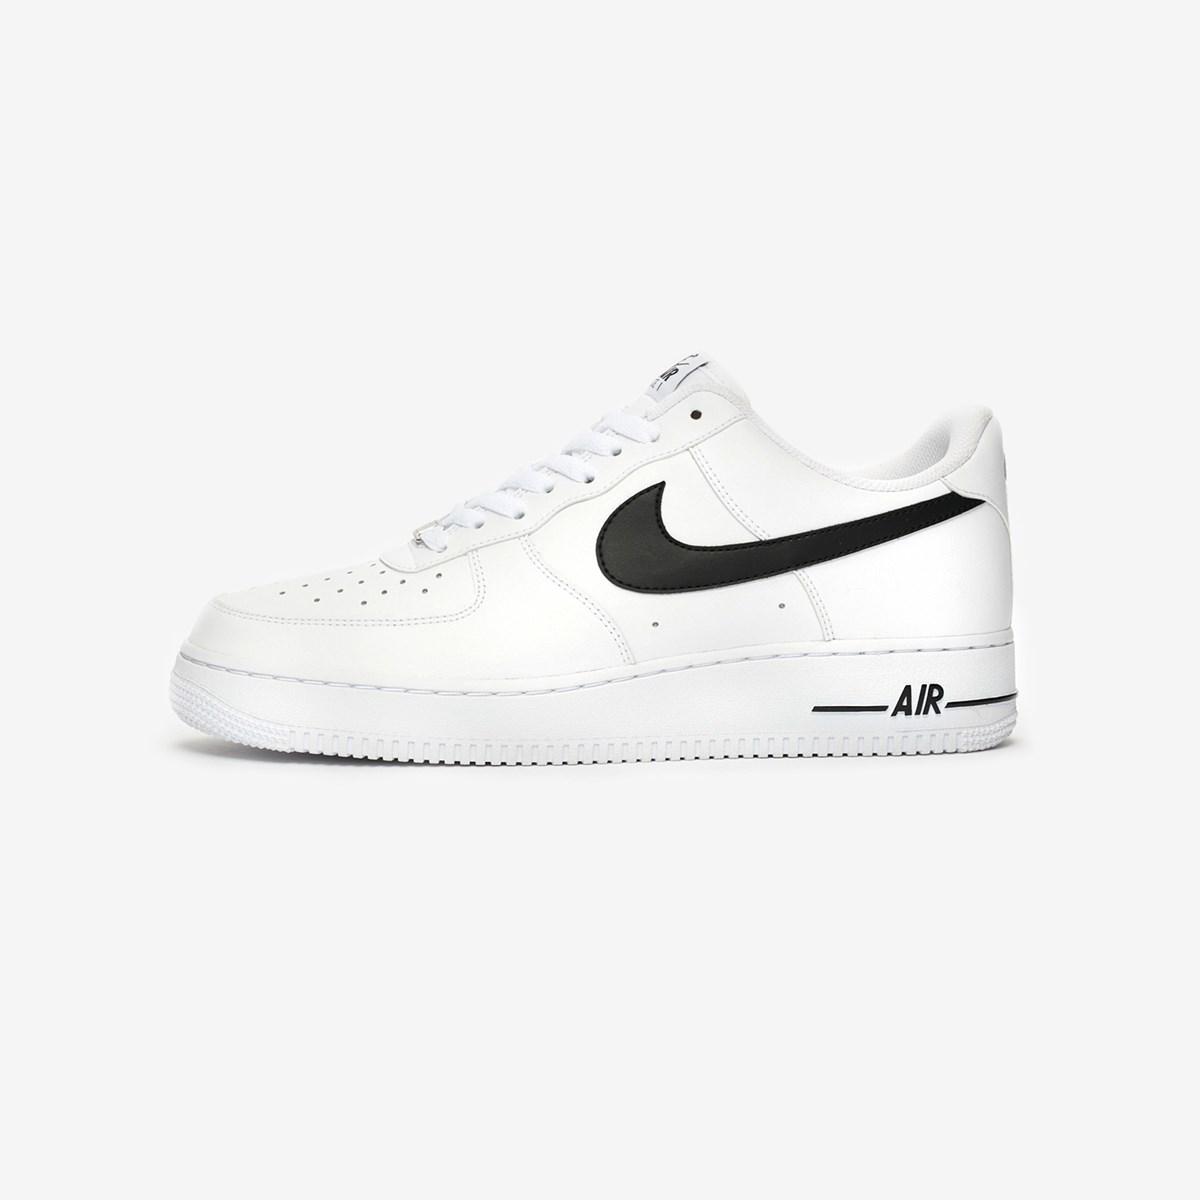 Nike Air Force 1 07 AN20 Cj0952 100 Sneakersnstuff I Sneakers & Streetwear online seit 1999